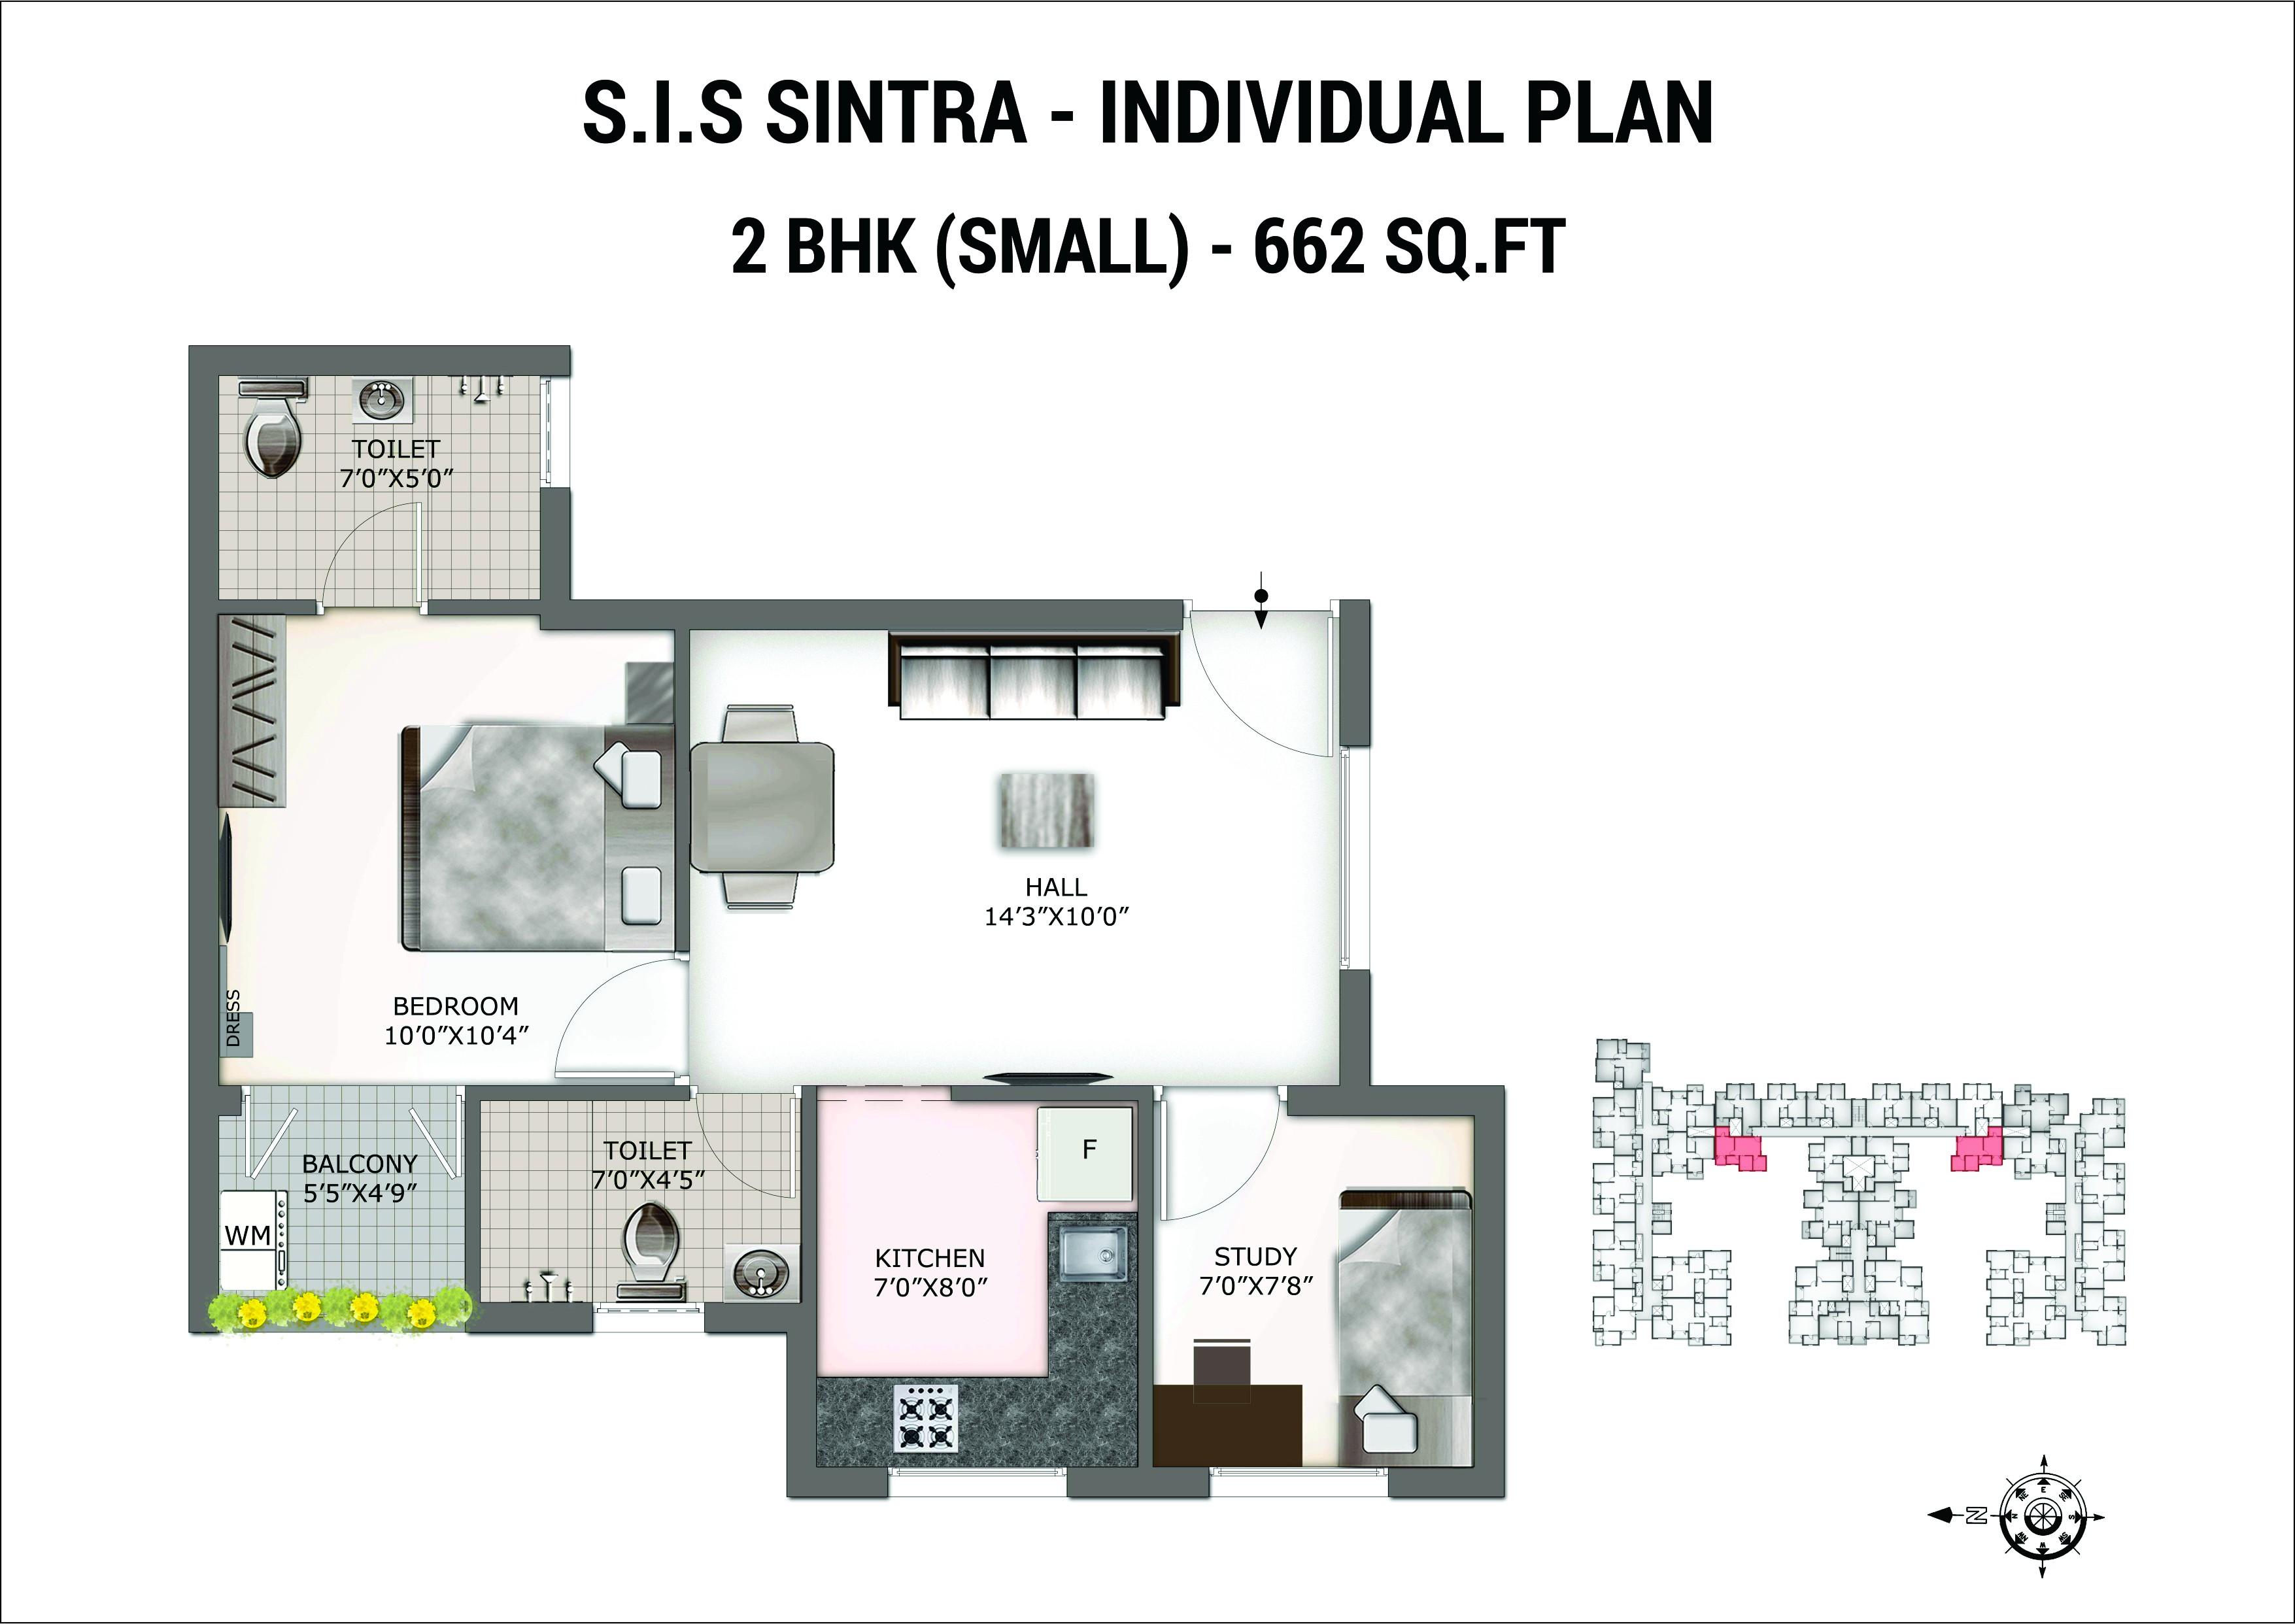 SIS Sintra floorplan 662sqft east facing